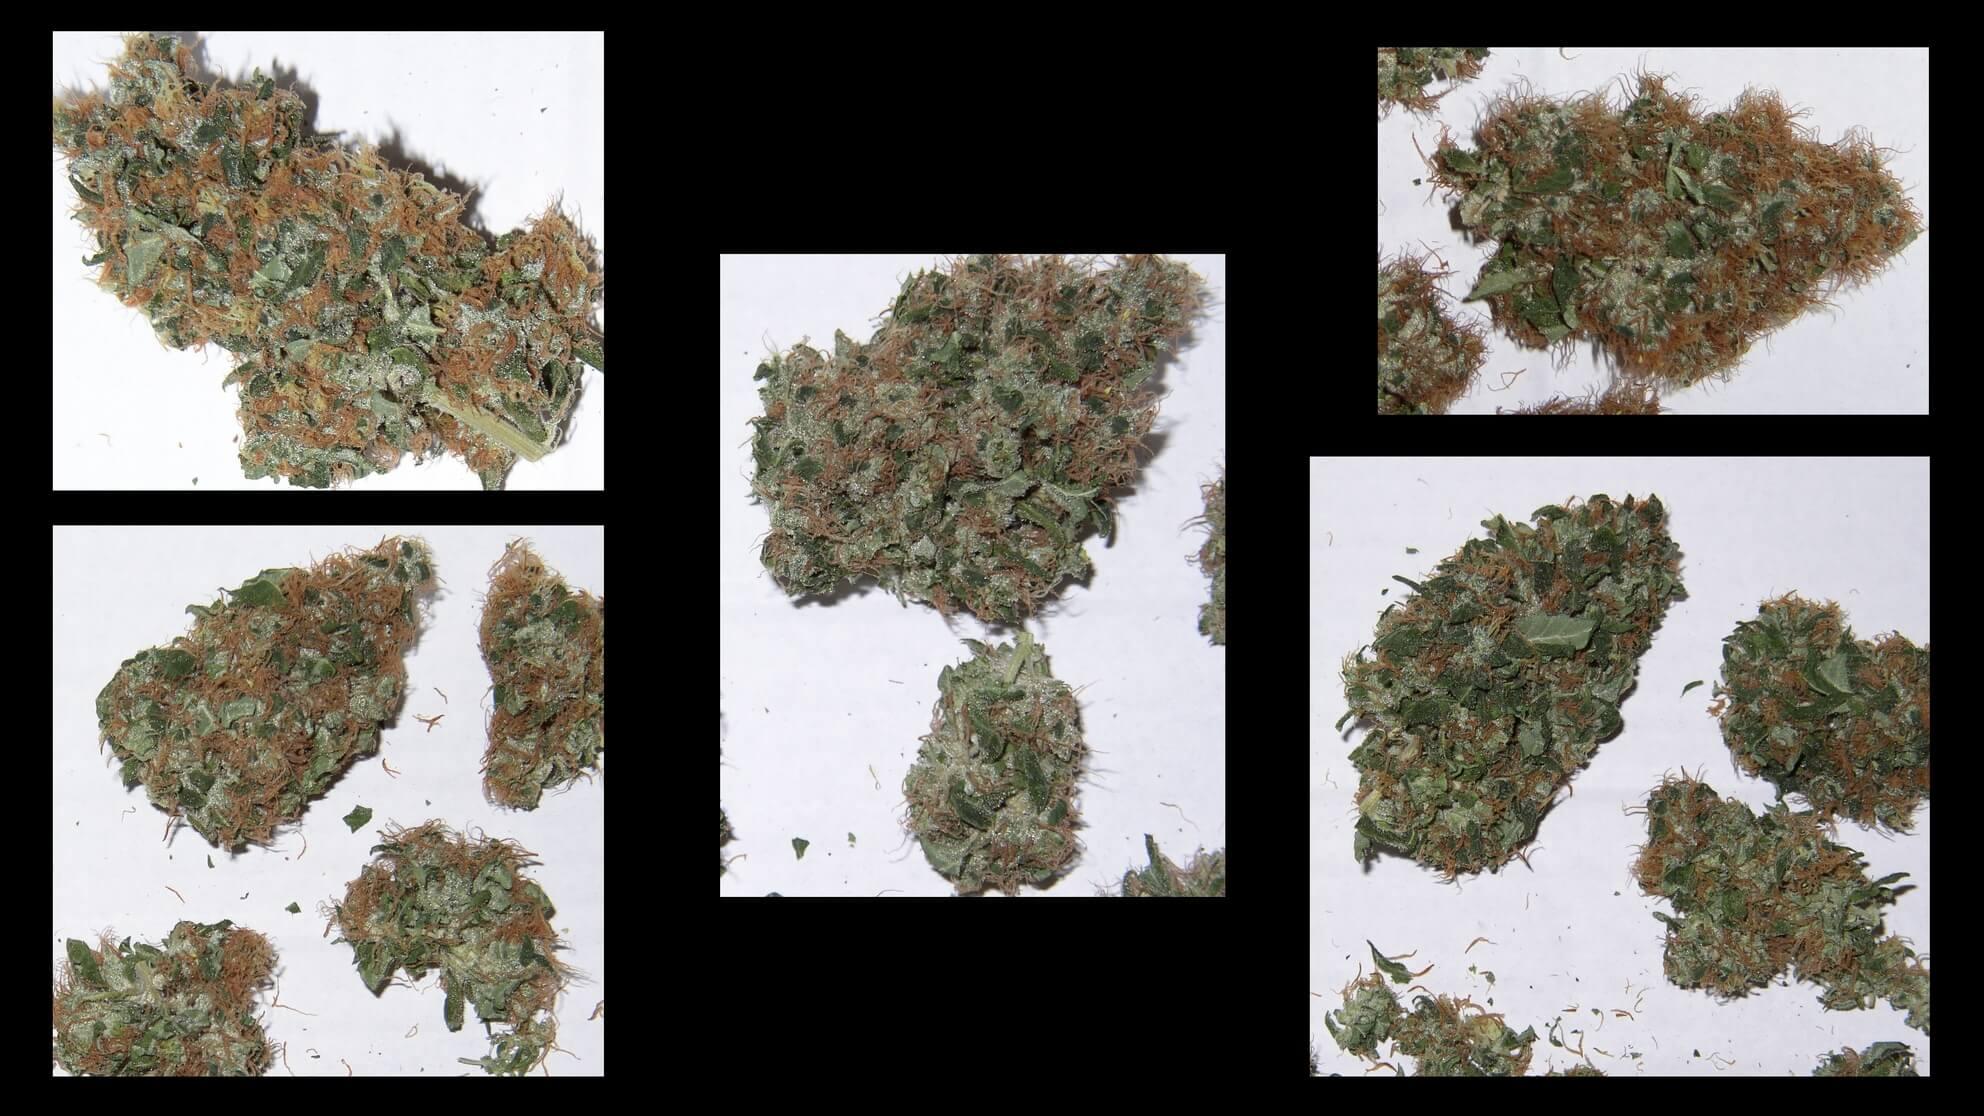 Marihuanablüten: Israelis erforschen, welche Cannabissorte bei welchem Krebs besser hilft